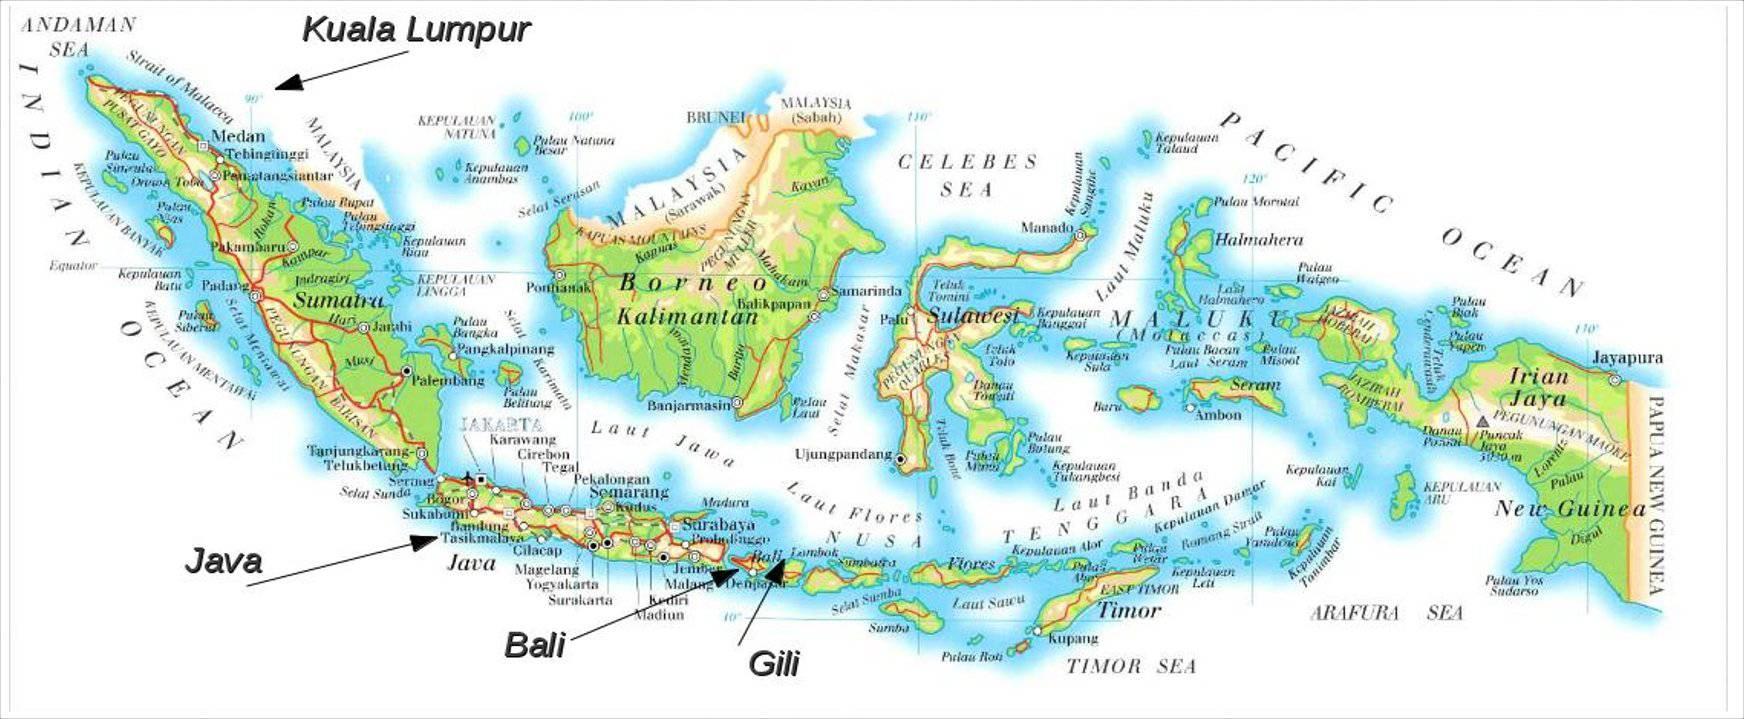 Autre carte de l'Indonésie